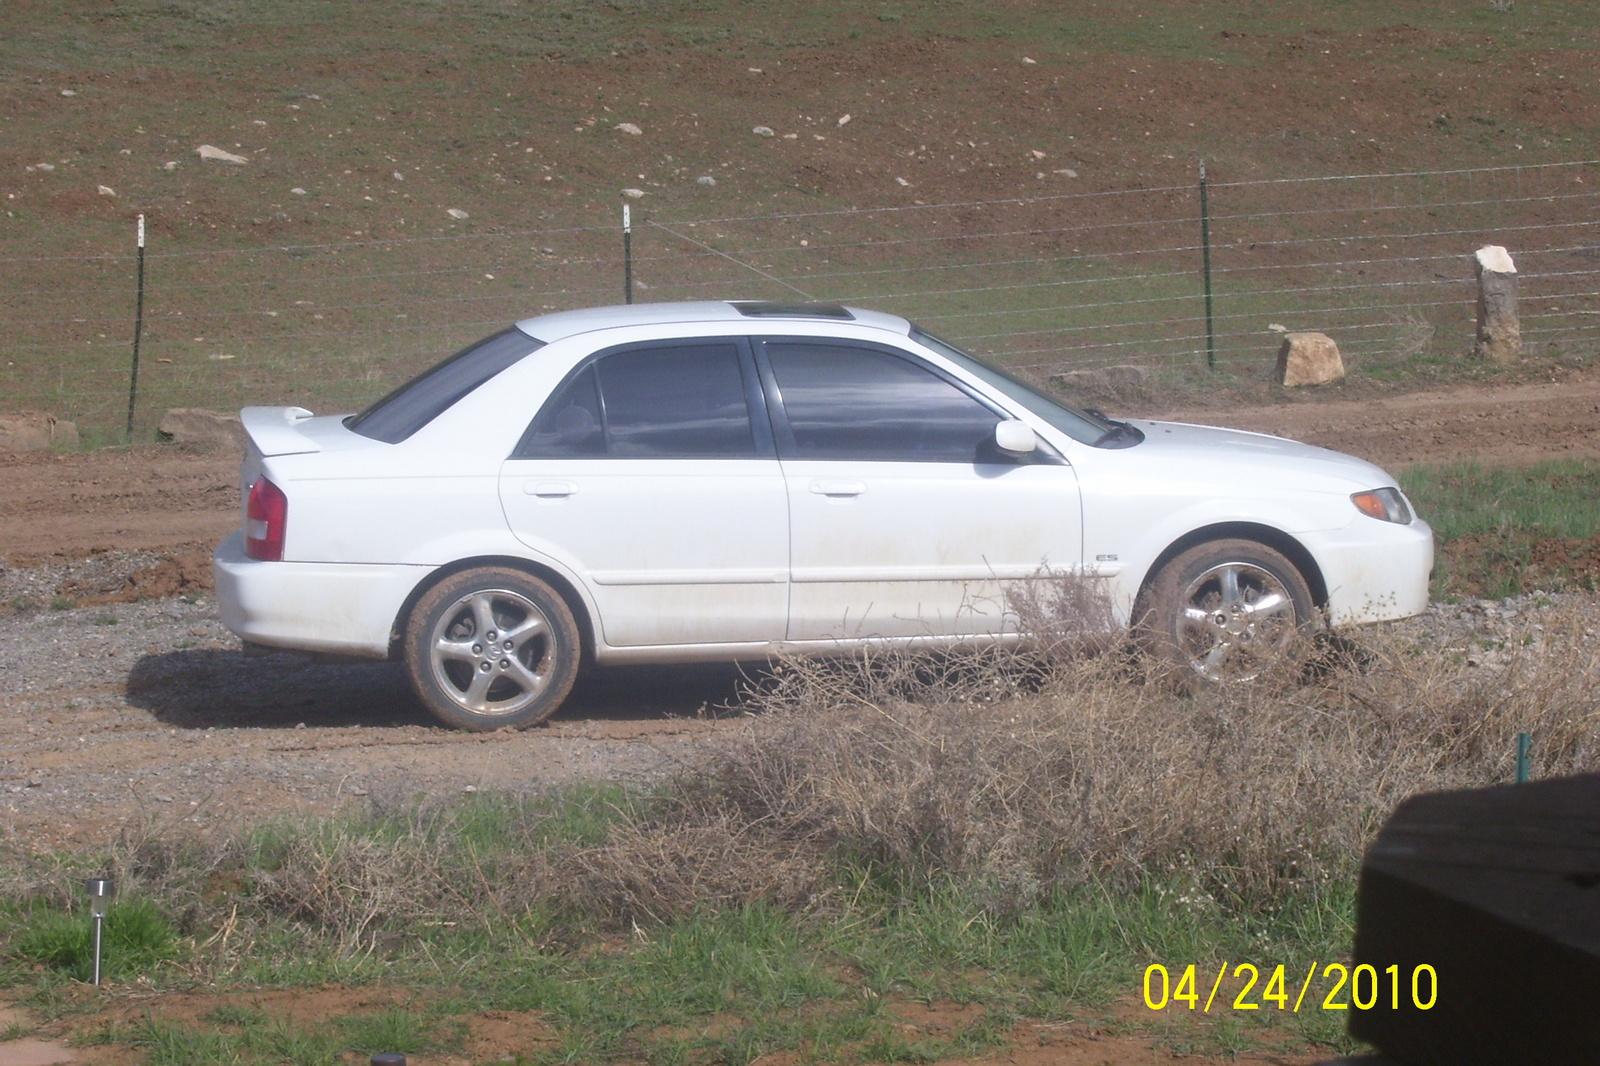 2002 Mazda Protege picture